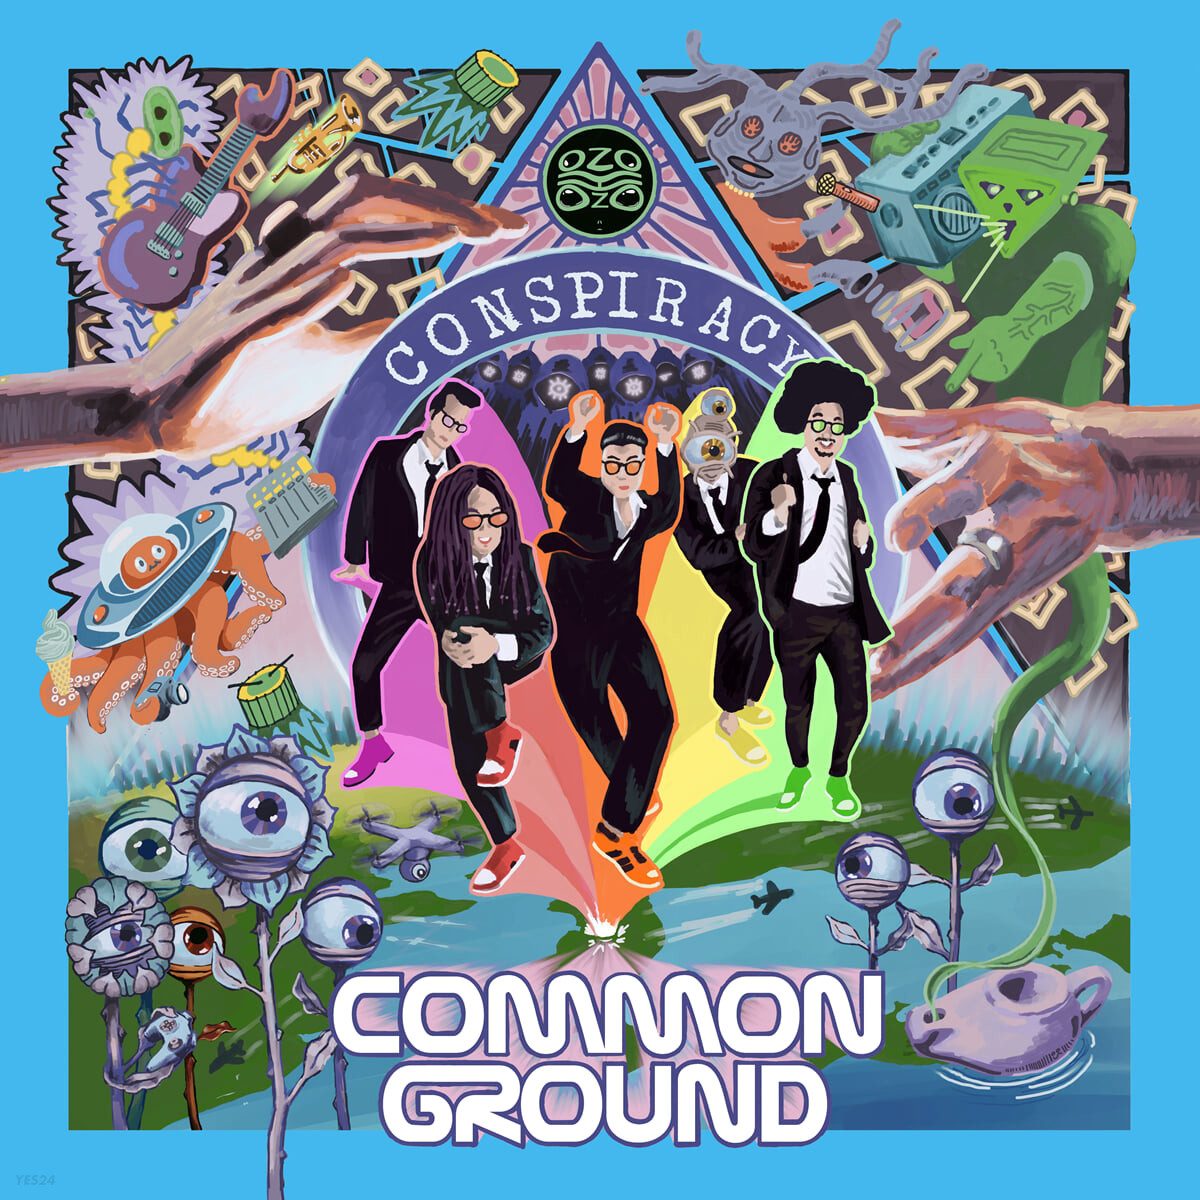 커먼 그라운드 (Common Ground) 5집 - Conspiracy